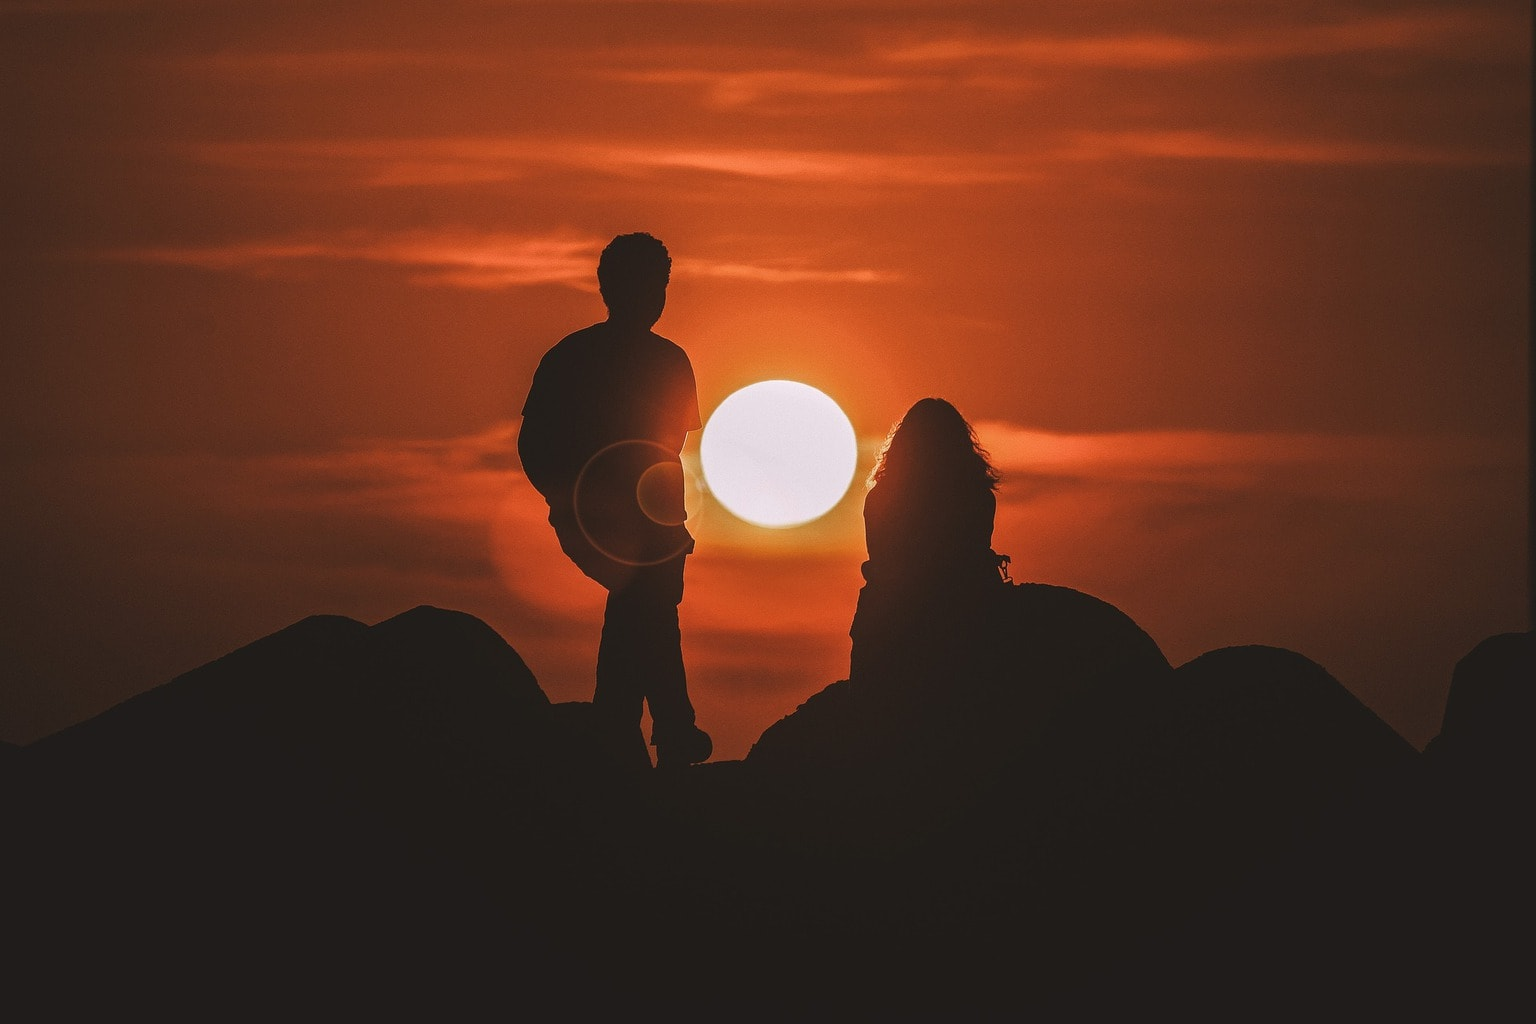 fotografía de una pareja al atardecer